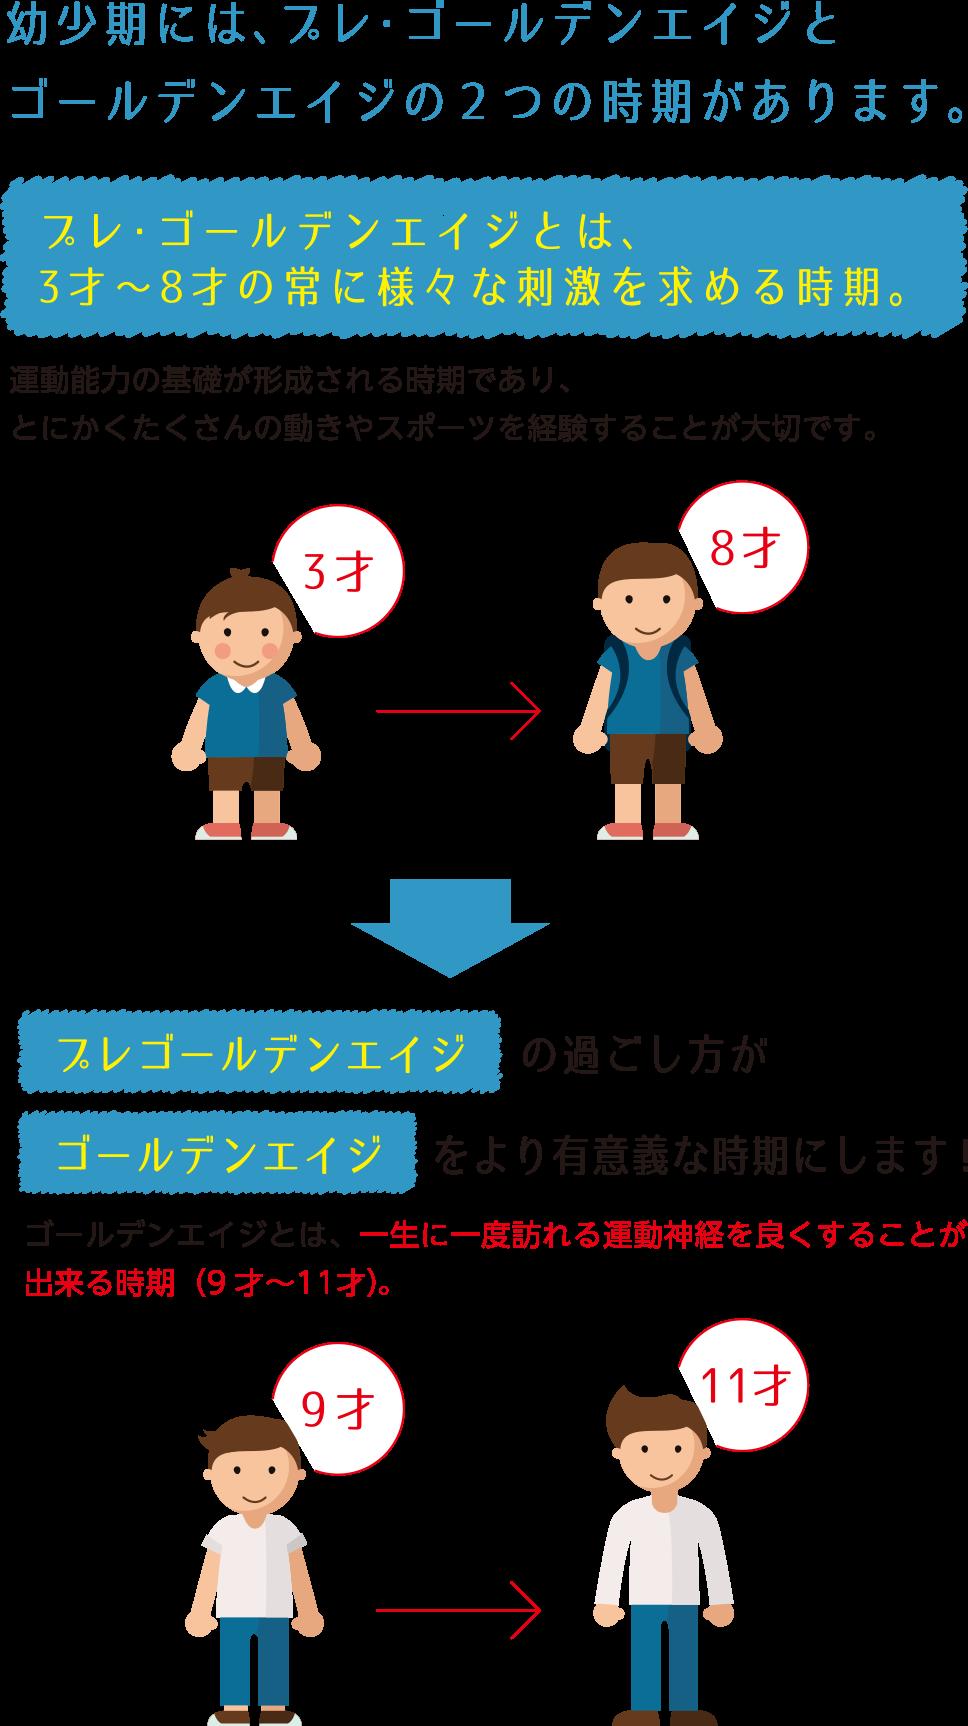 幼少期には、プレゴールデンエイジとゴールデンエイジの2つの時期があります。